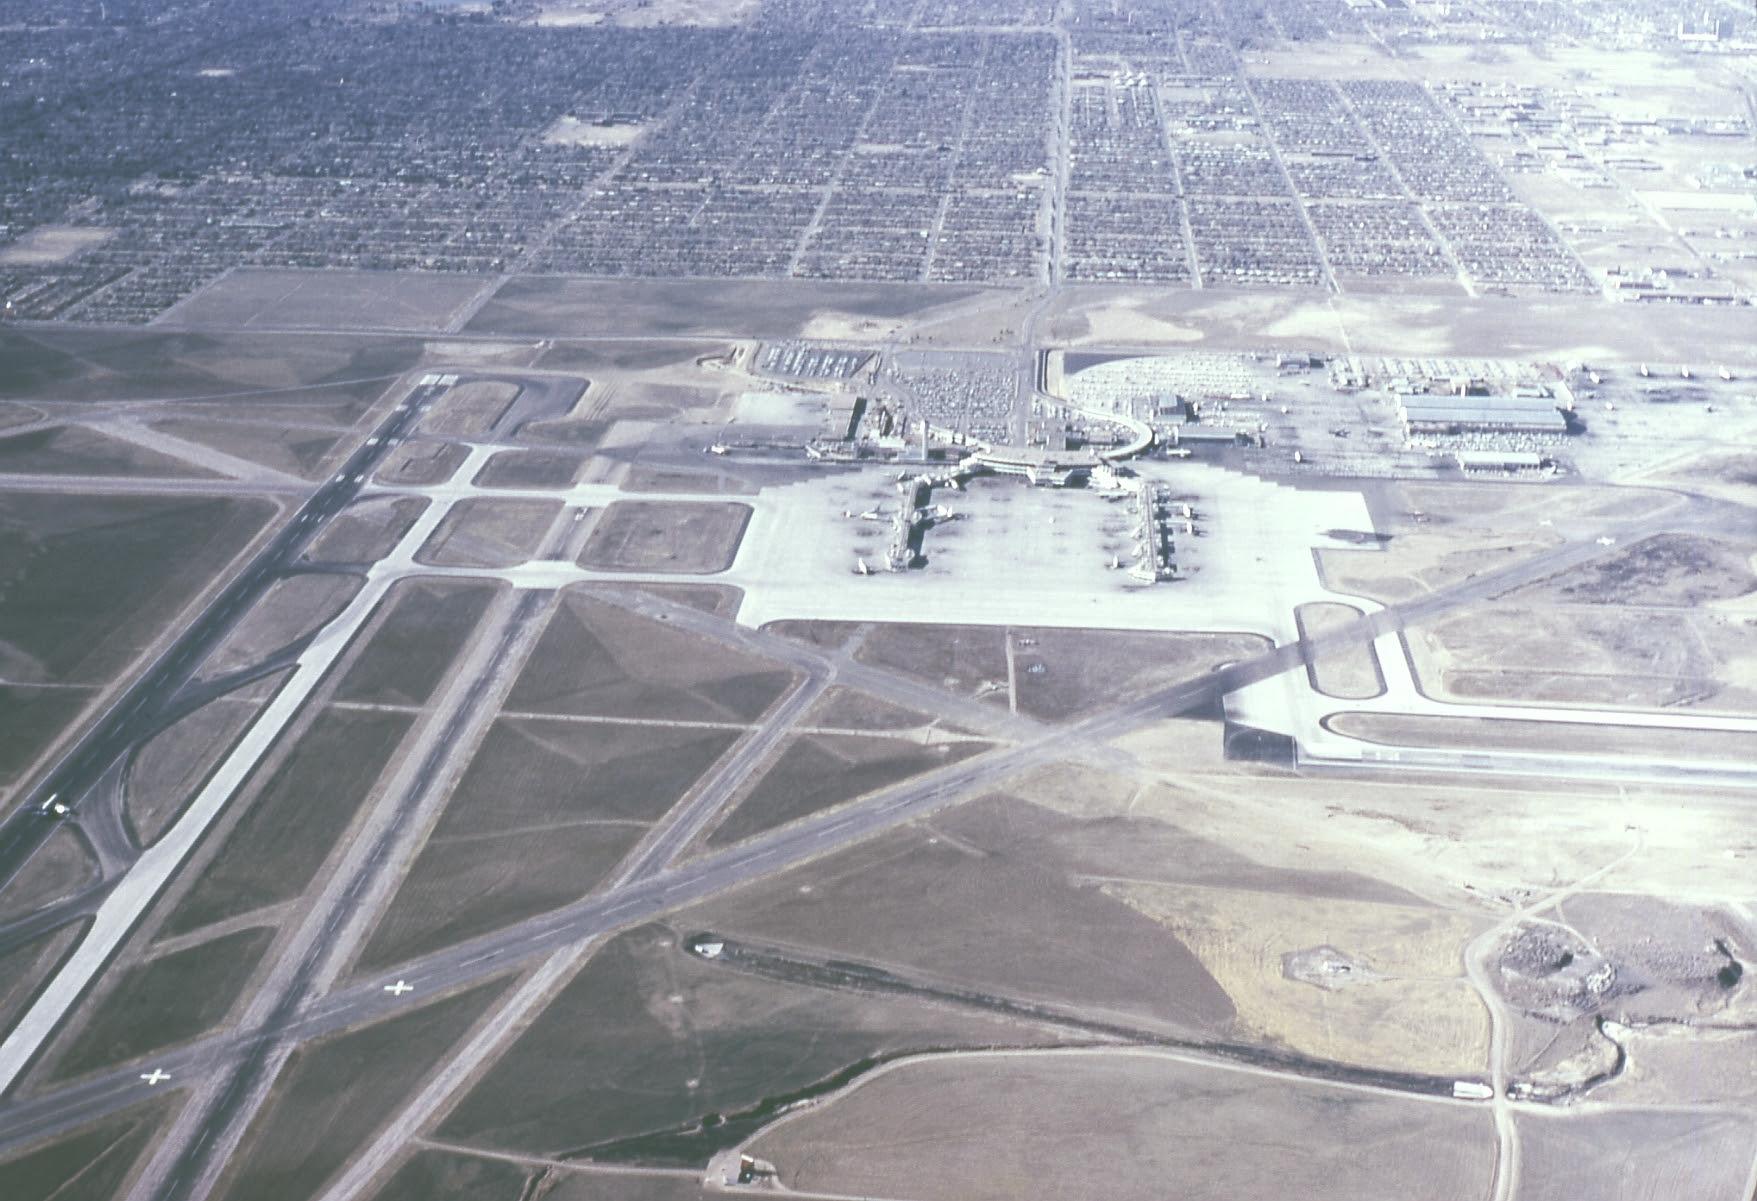 Aeroporto Denver : L inquietante aeroporto di denver e i simboli apocalittici